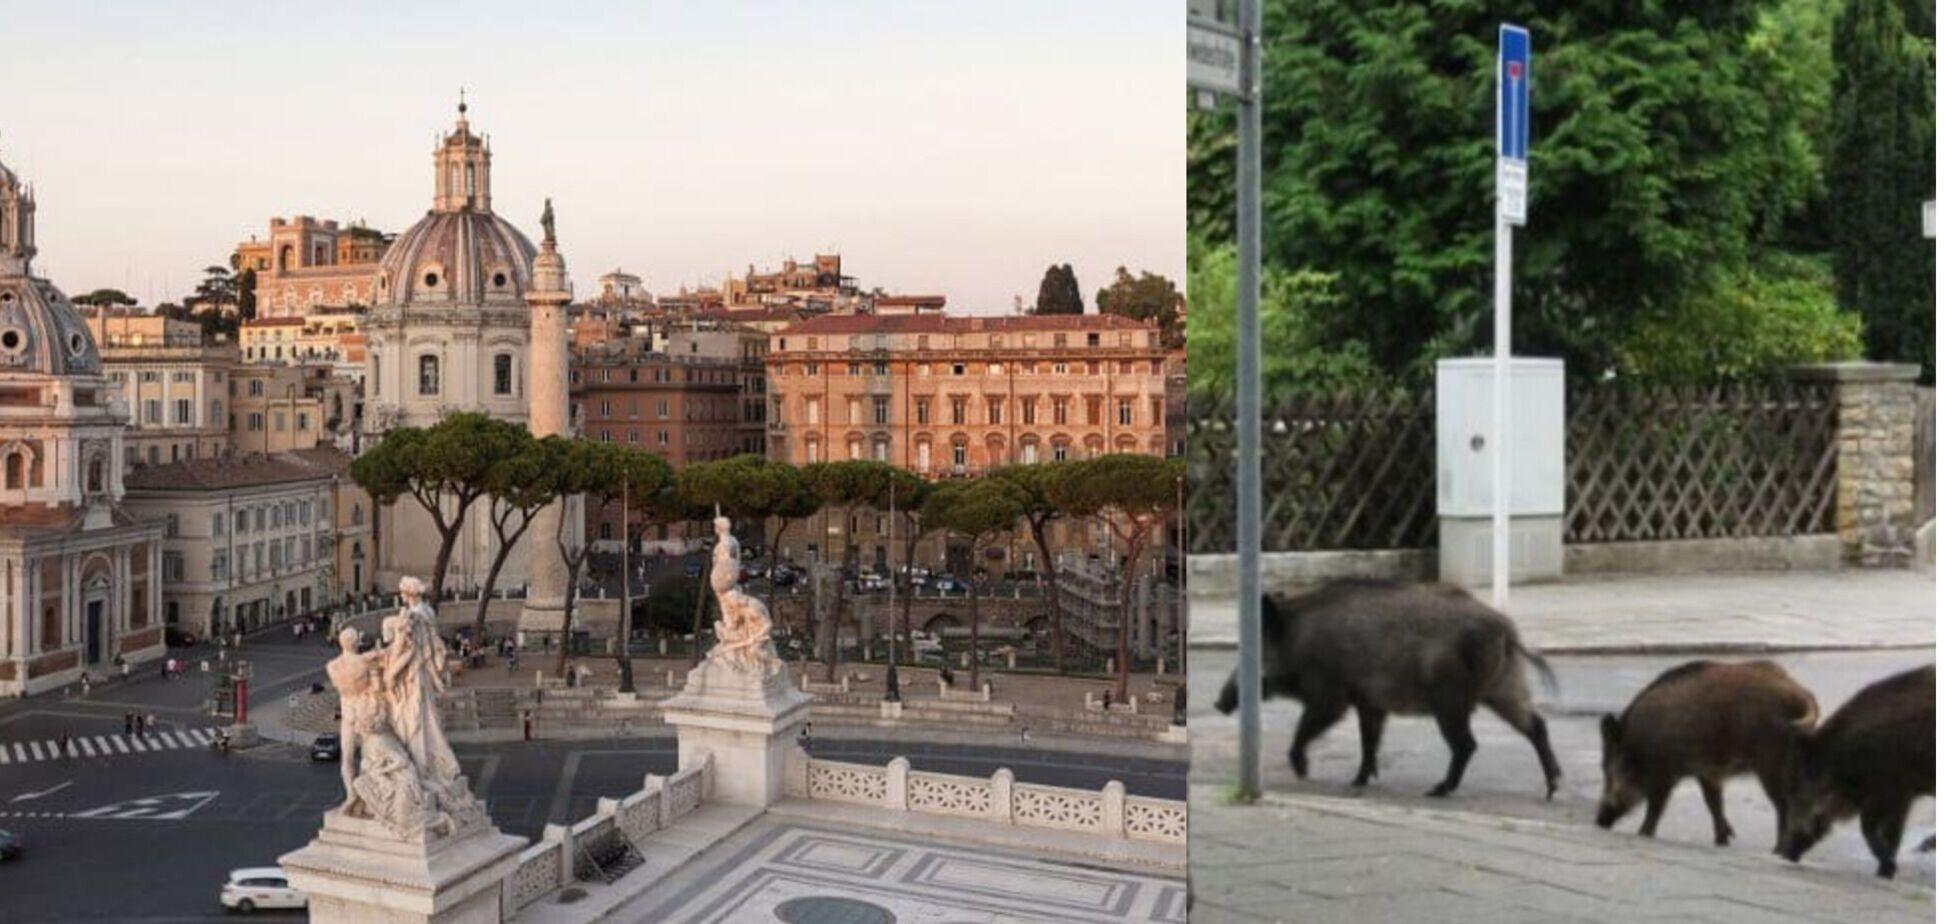 Как у себя дома: по Риму бегают дикие кабаны. Фото